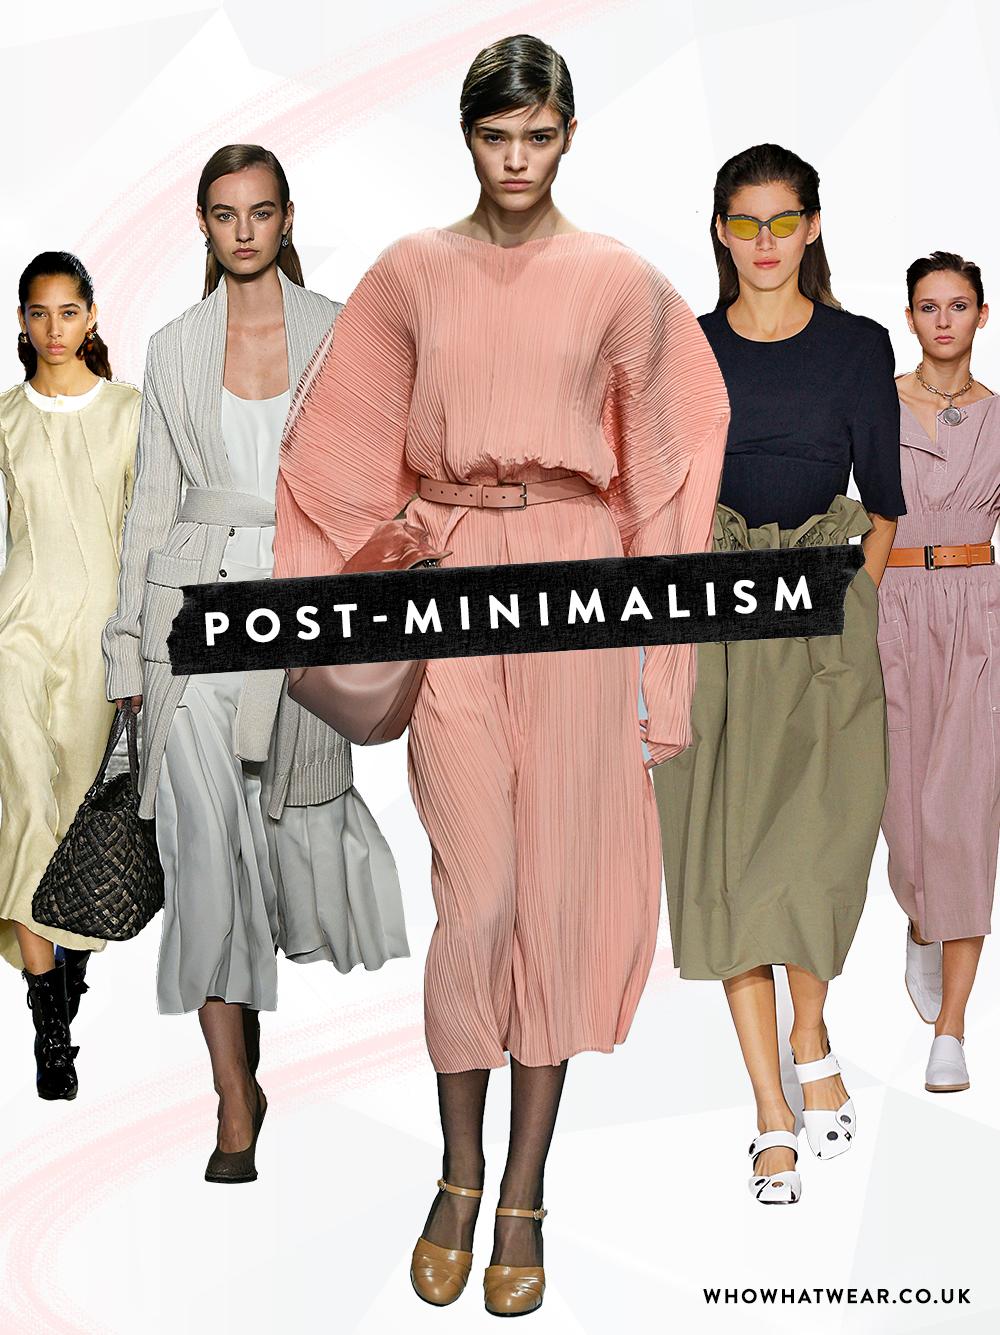 UK-Collage-Postminimalism.jpg